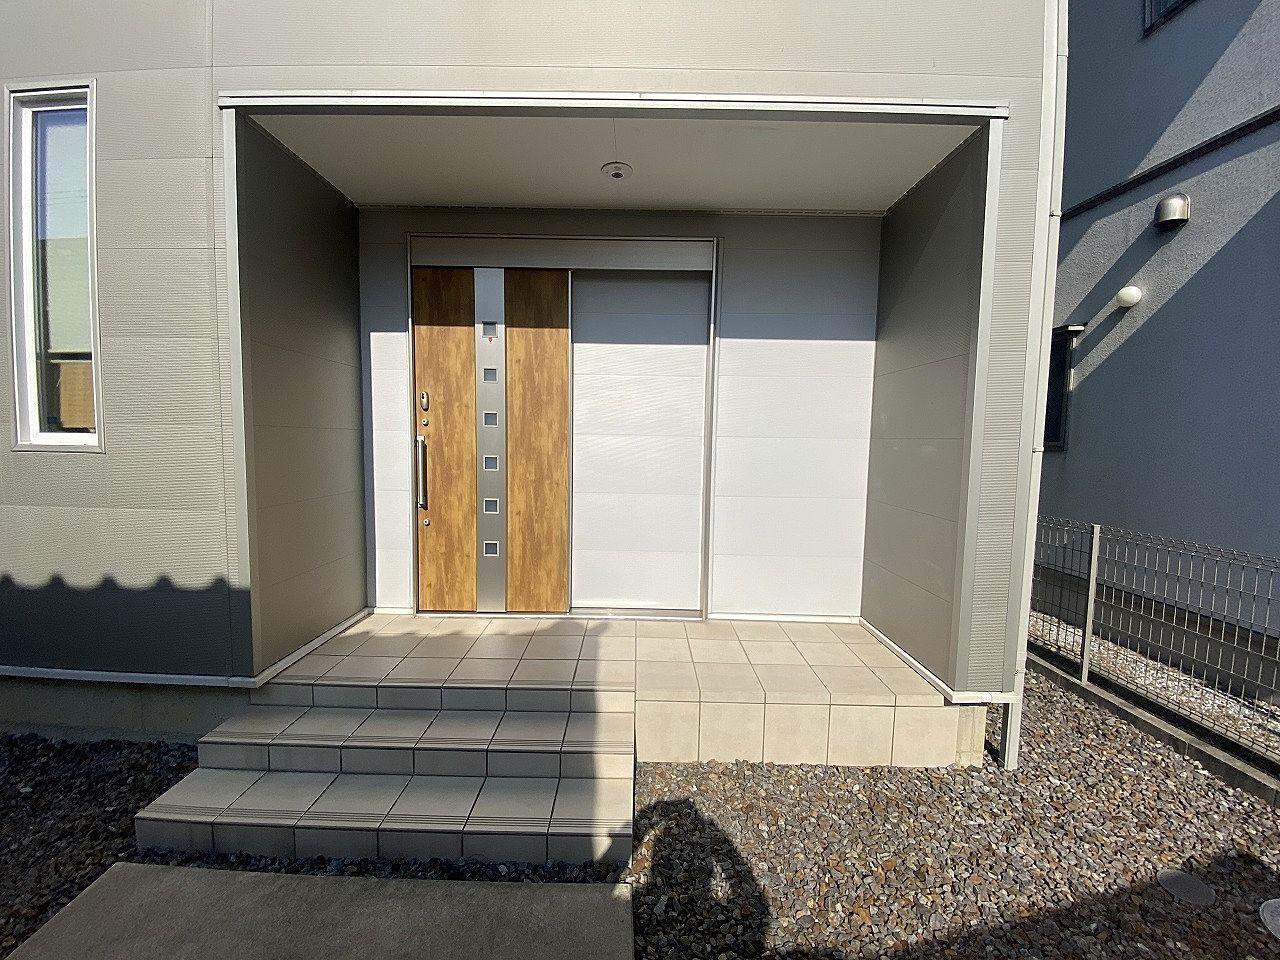 広い玄関入口です。引戸は非常に使い勝手が良いです。